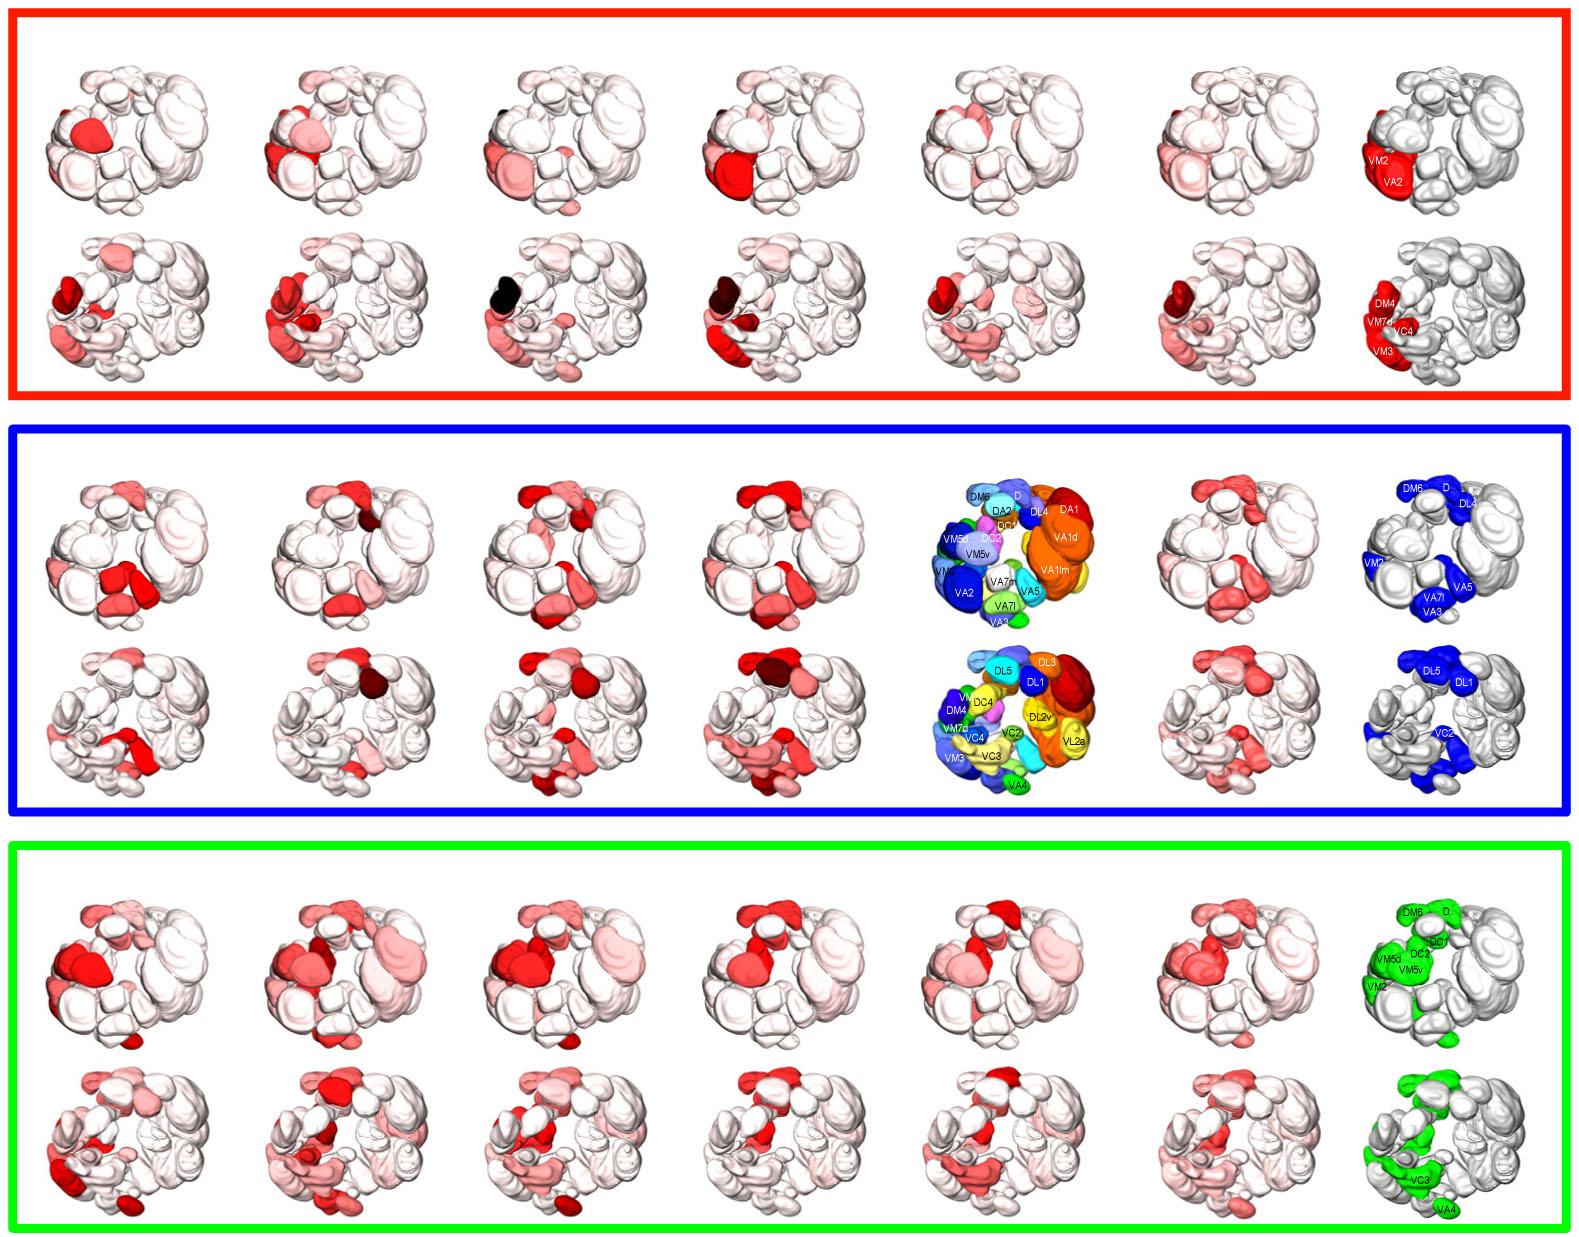 触角葉糸球体における匂い価値の表現